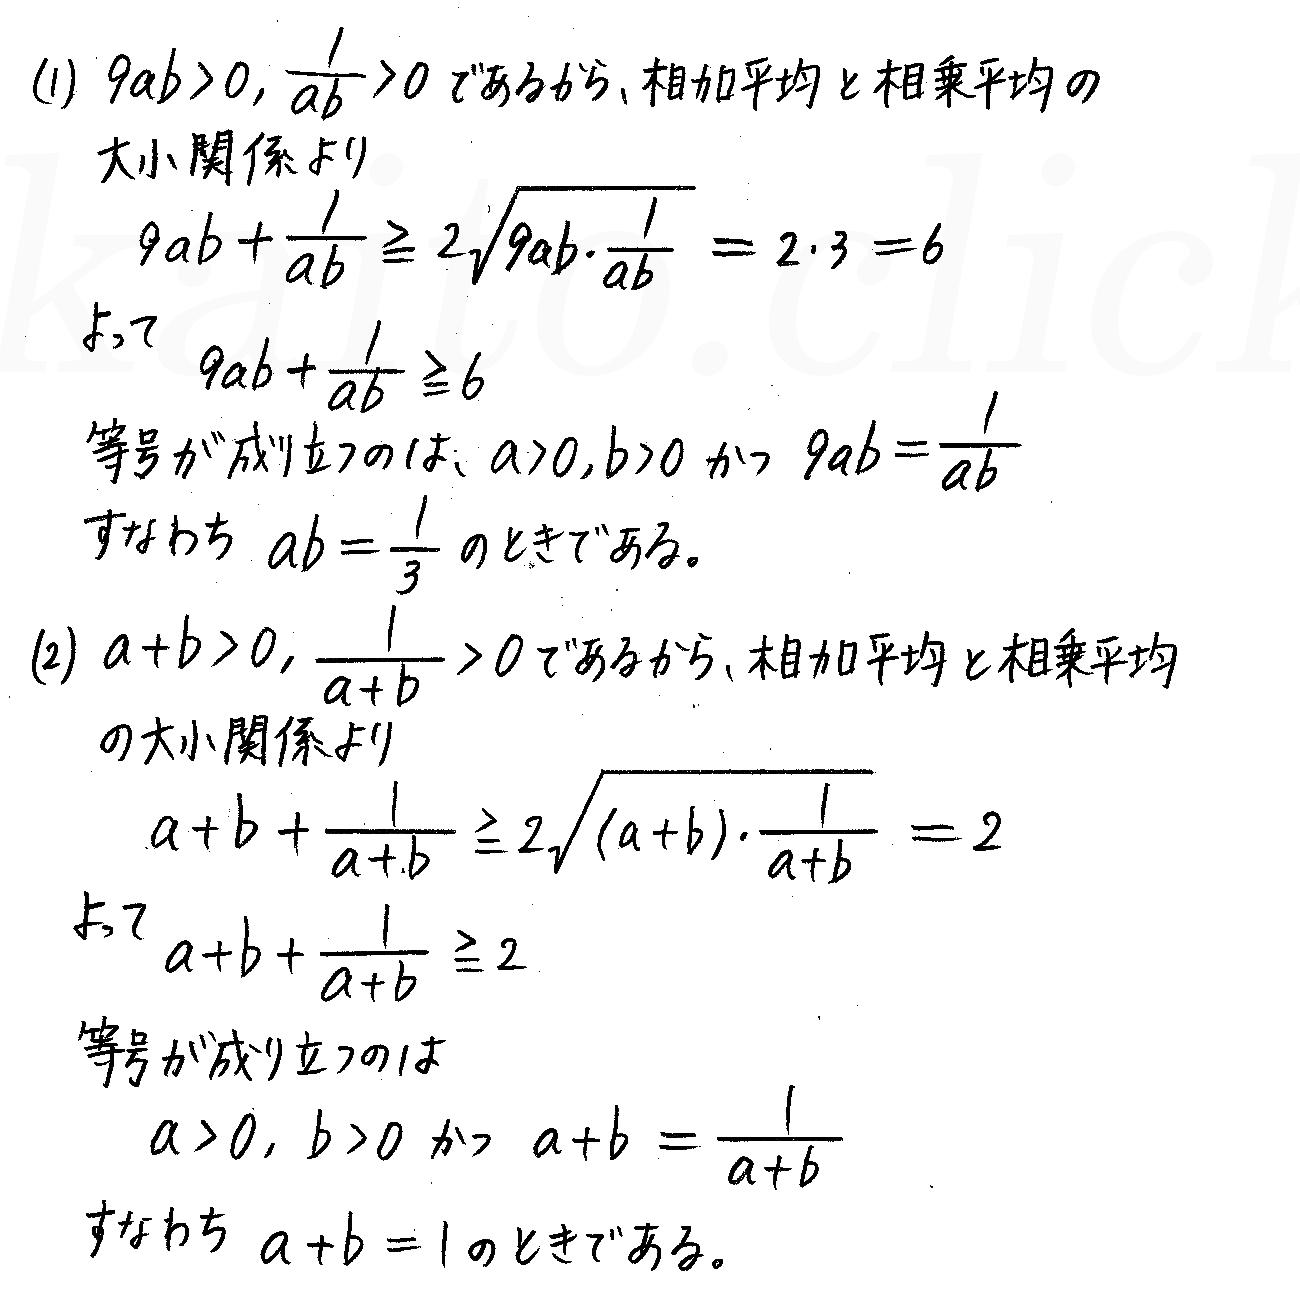 改訂版4プロセス数学2-49解答